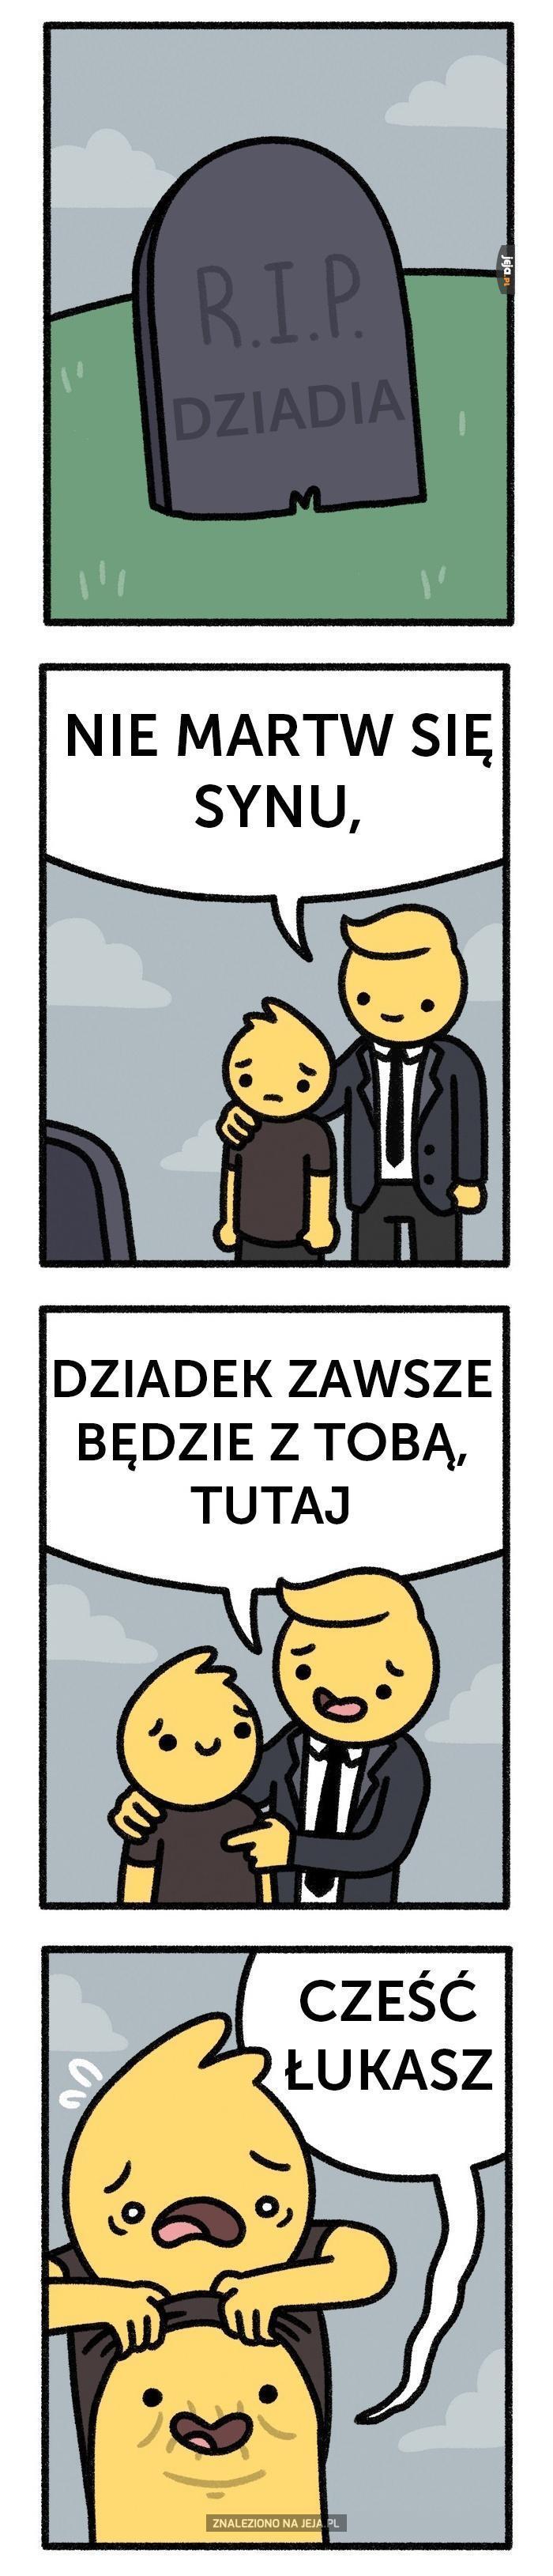 Dziadek zawsze będzie przy tobie